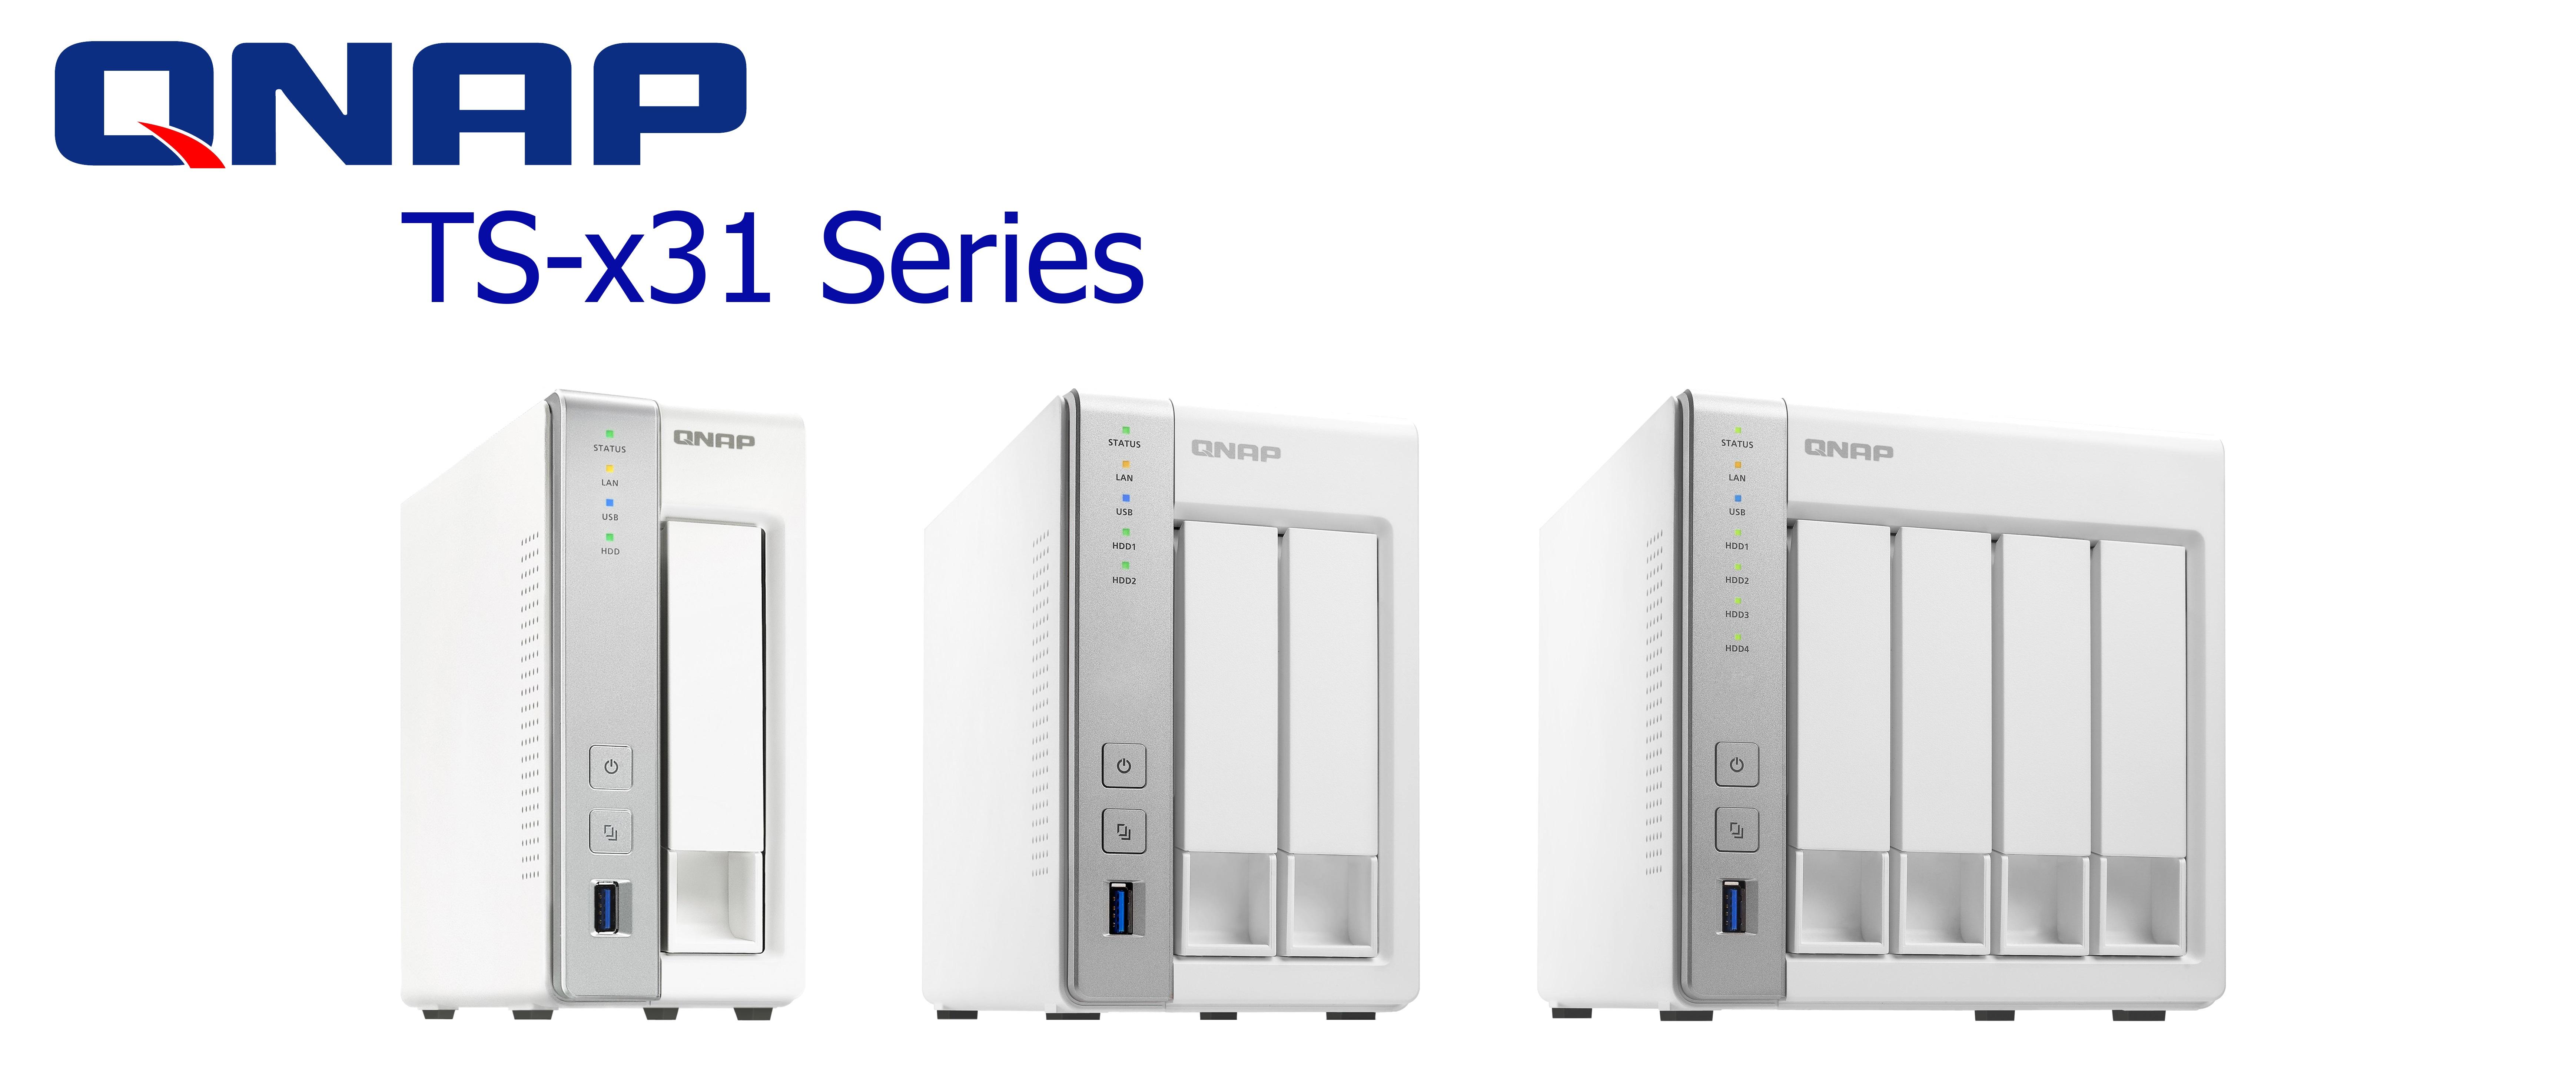 QNAP TS series